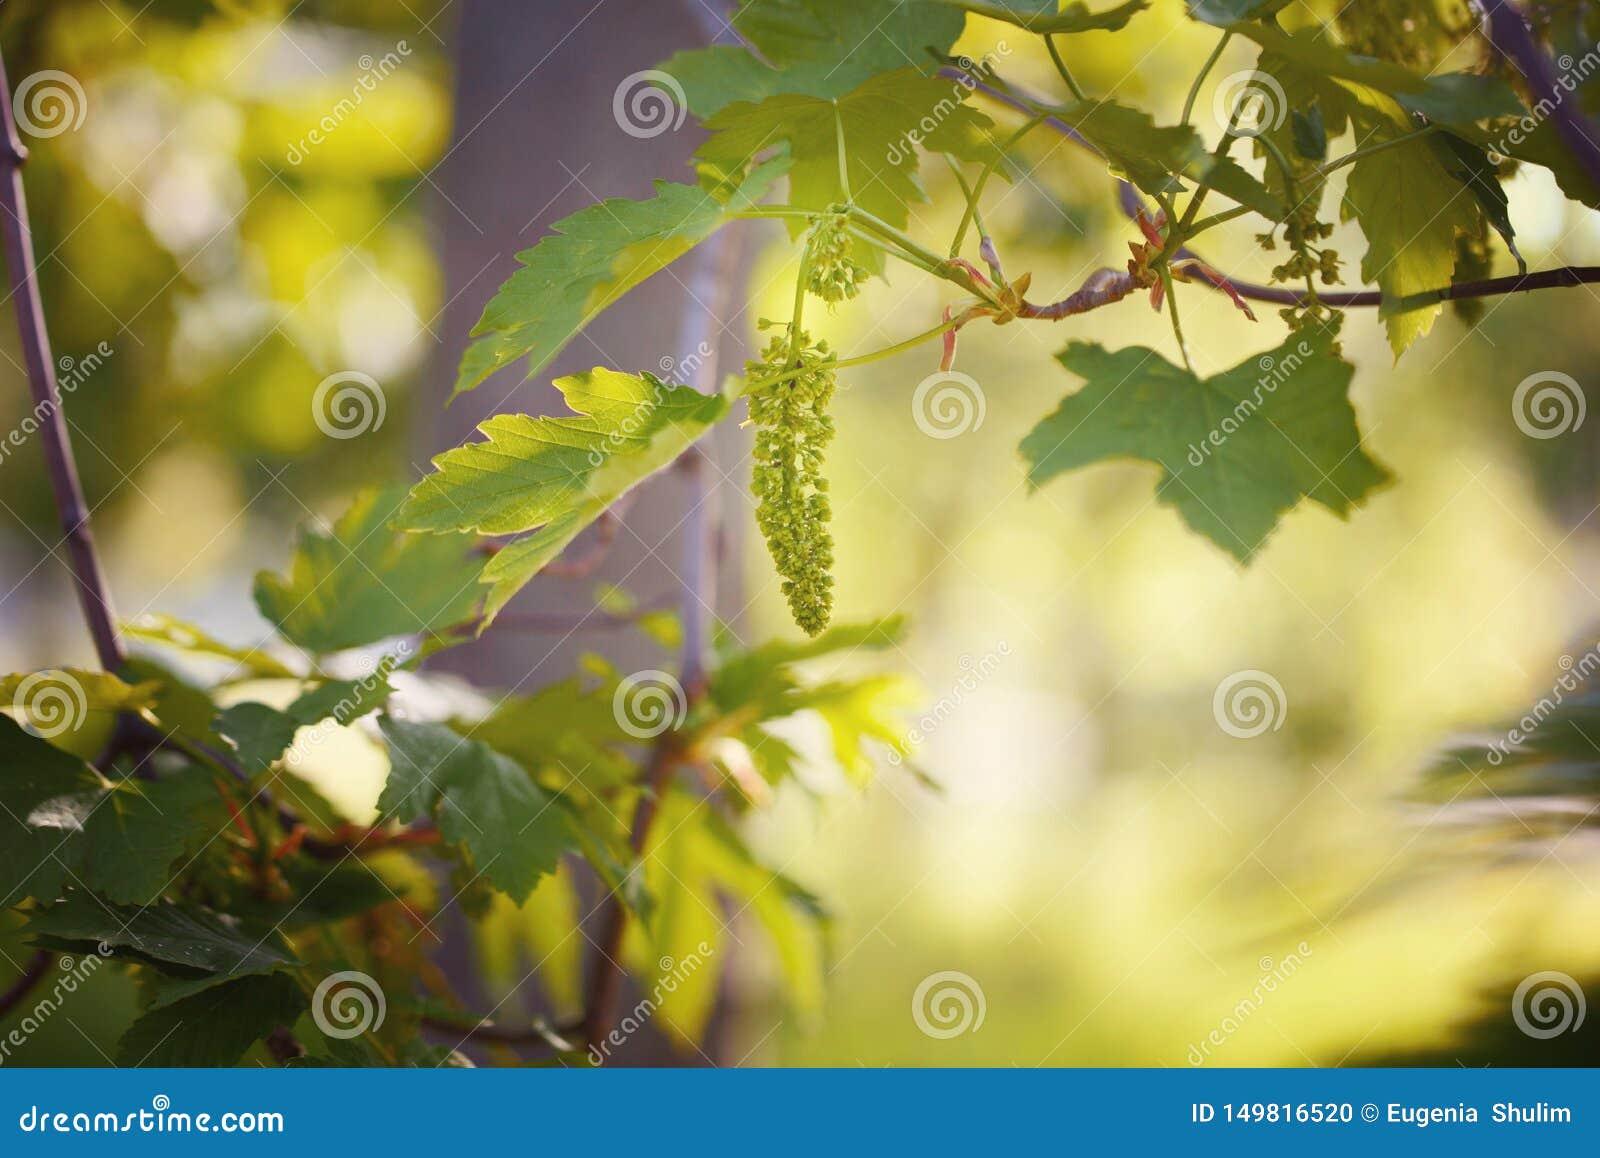 Uvas novas em um fundo bonito do por do sol Uvas novas bonitas no jardim